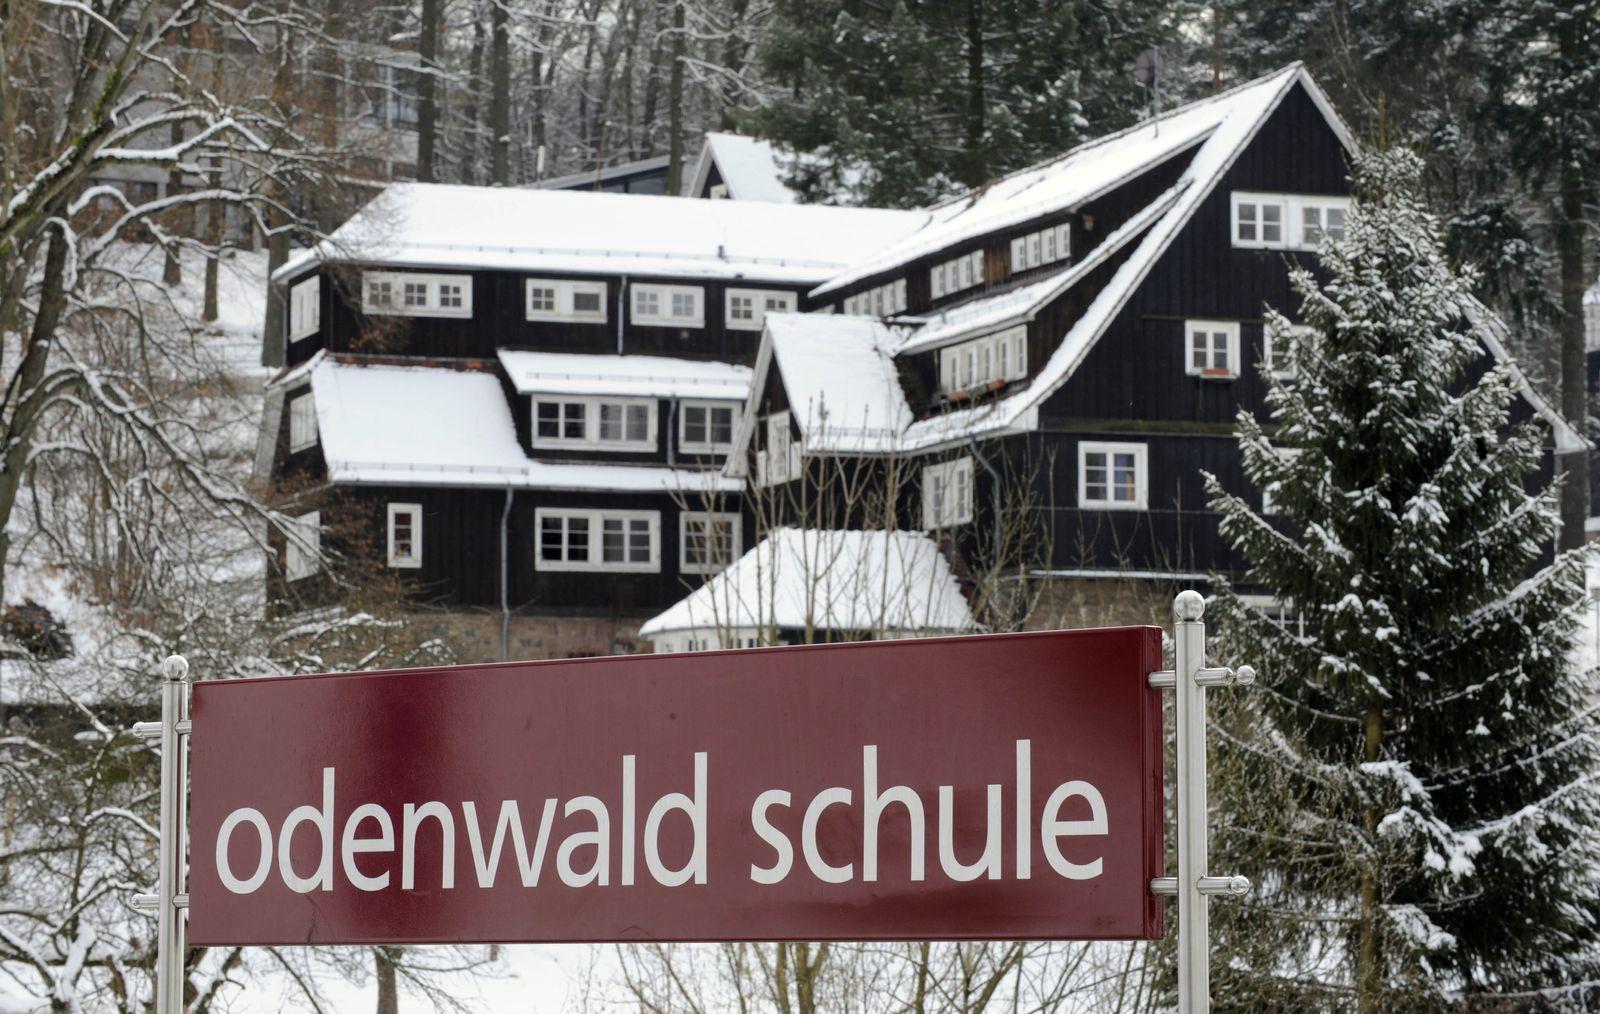 NICHT VERWENDEN Sexueller Missbrauch an der Odenwald Schule